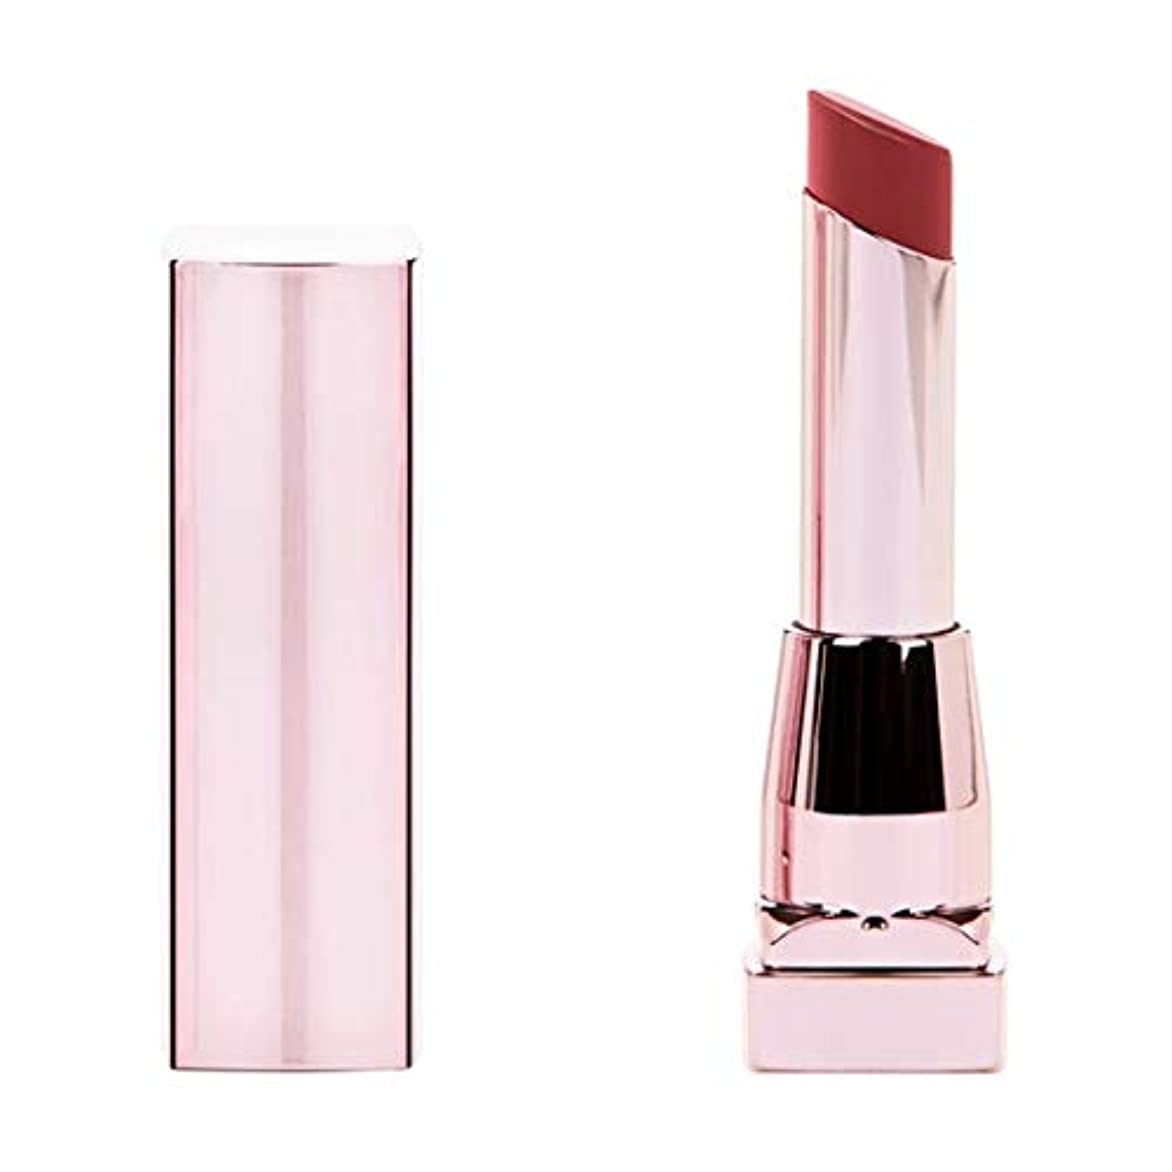 目の前の一族大人(6 Pack) MAYBELLINE Color Sensational Shine Compulsion Lipstick - Scarlet Flame 090 (並行輸入品)